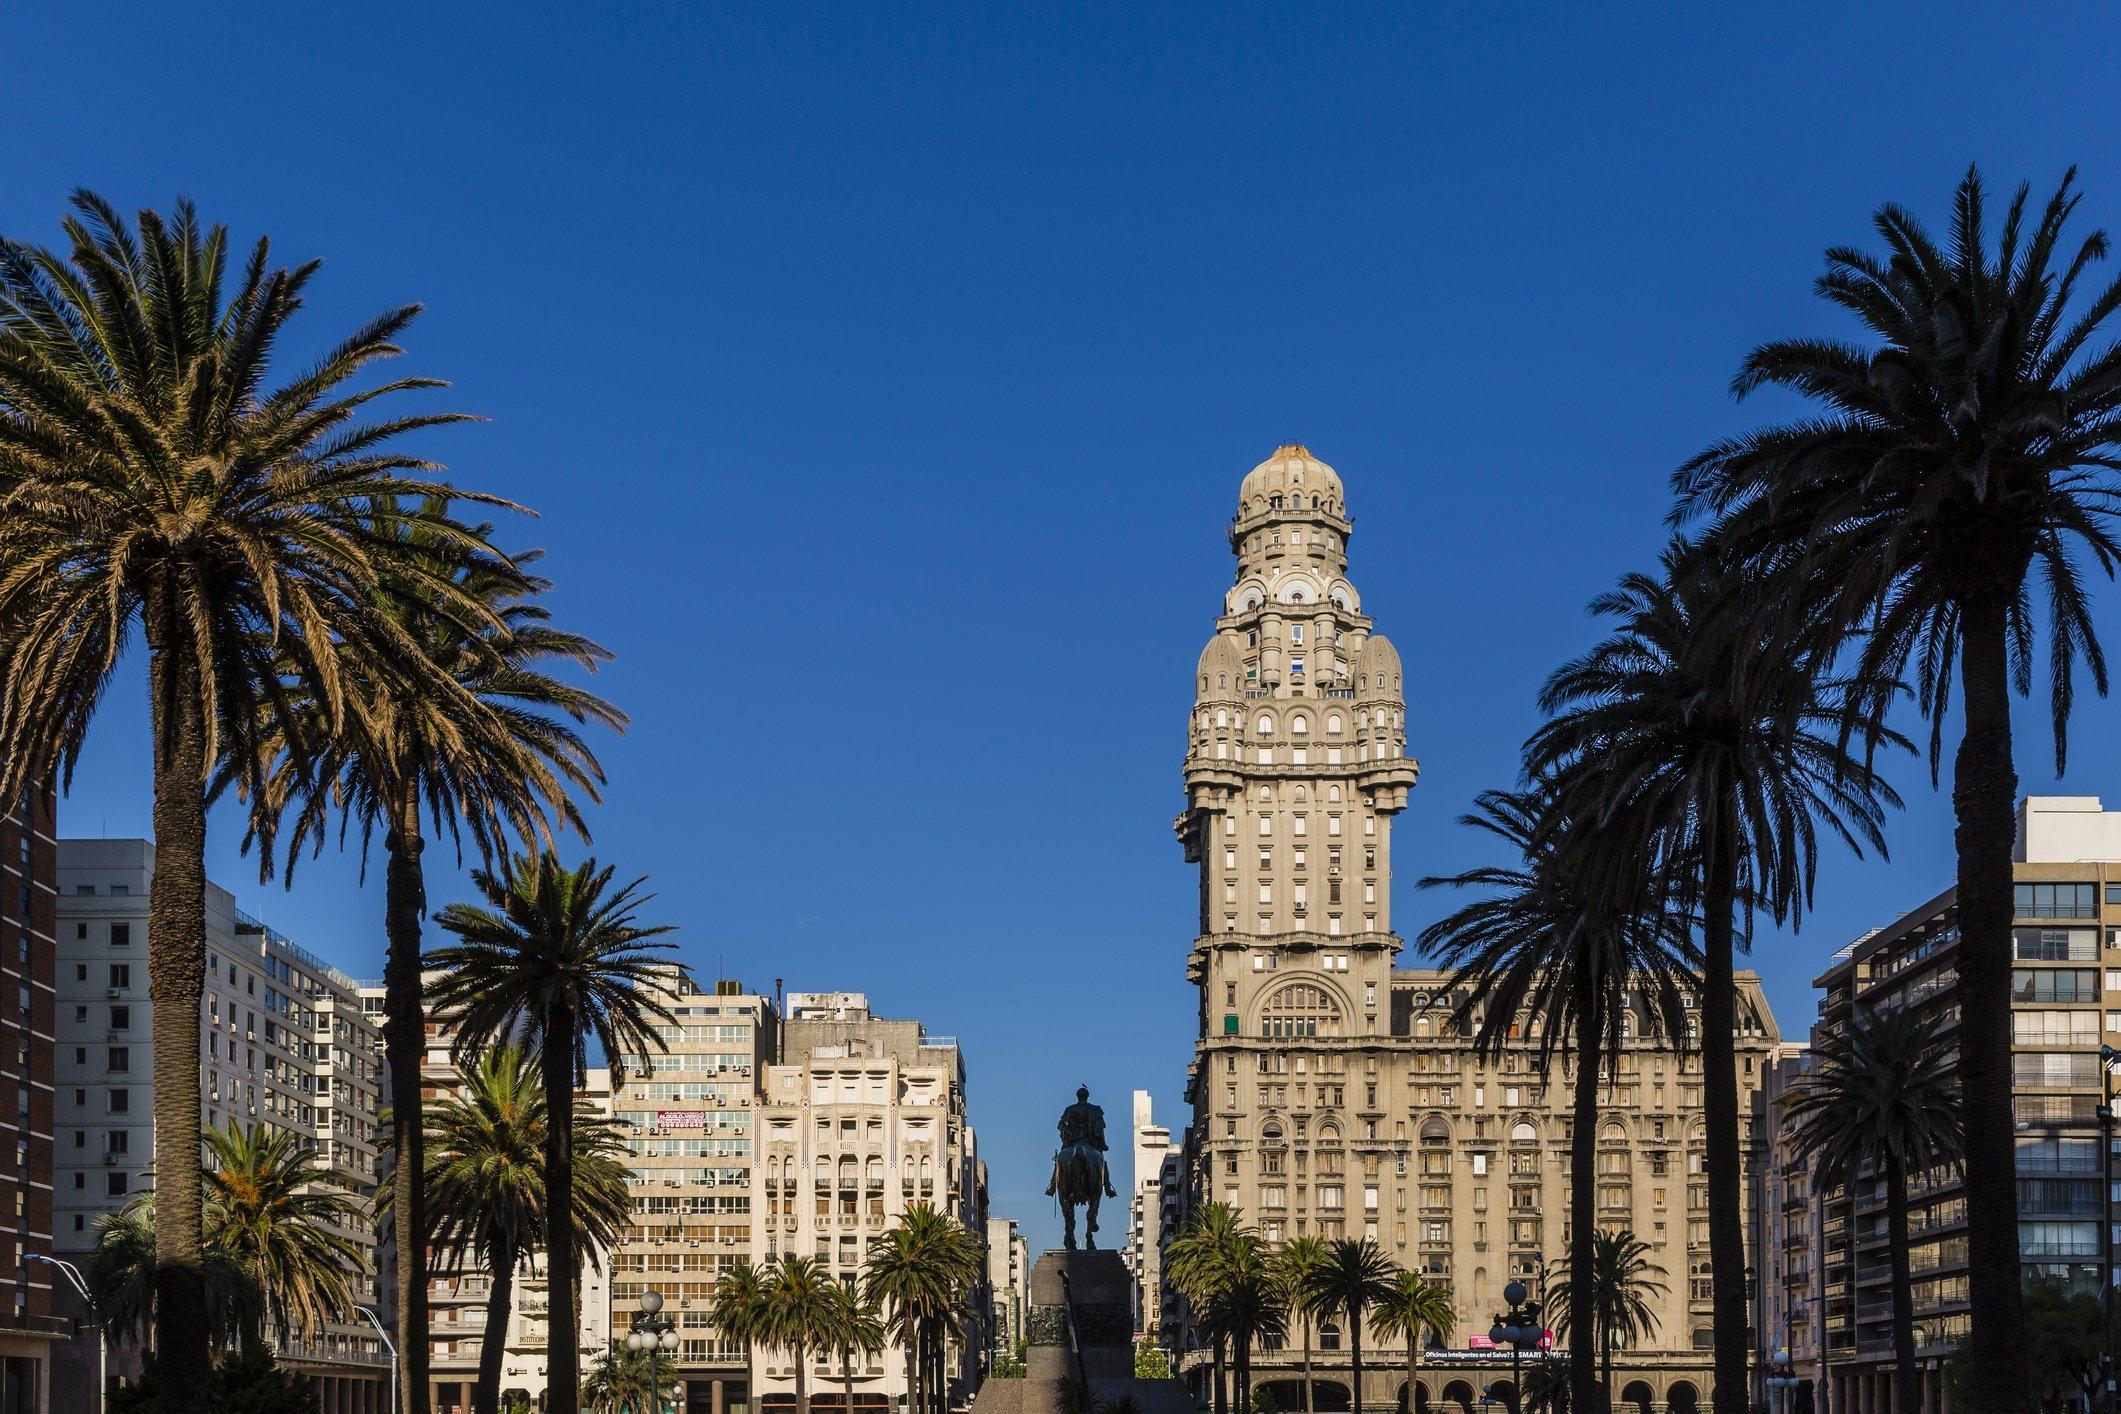 Uruguai oferecerá vacina da covid-19 a turistas. Veja as regras